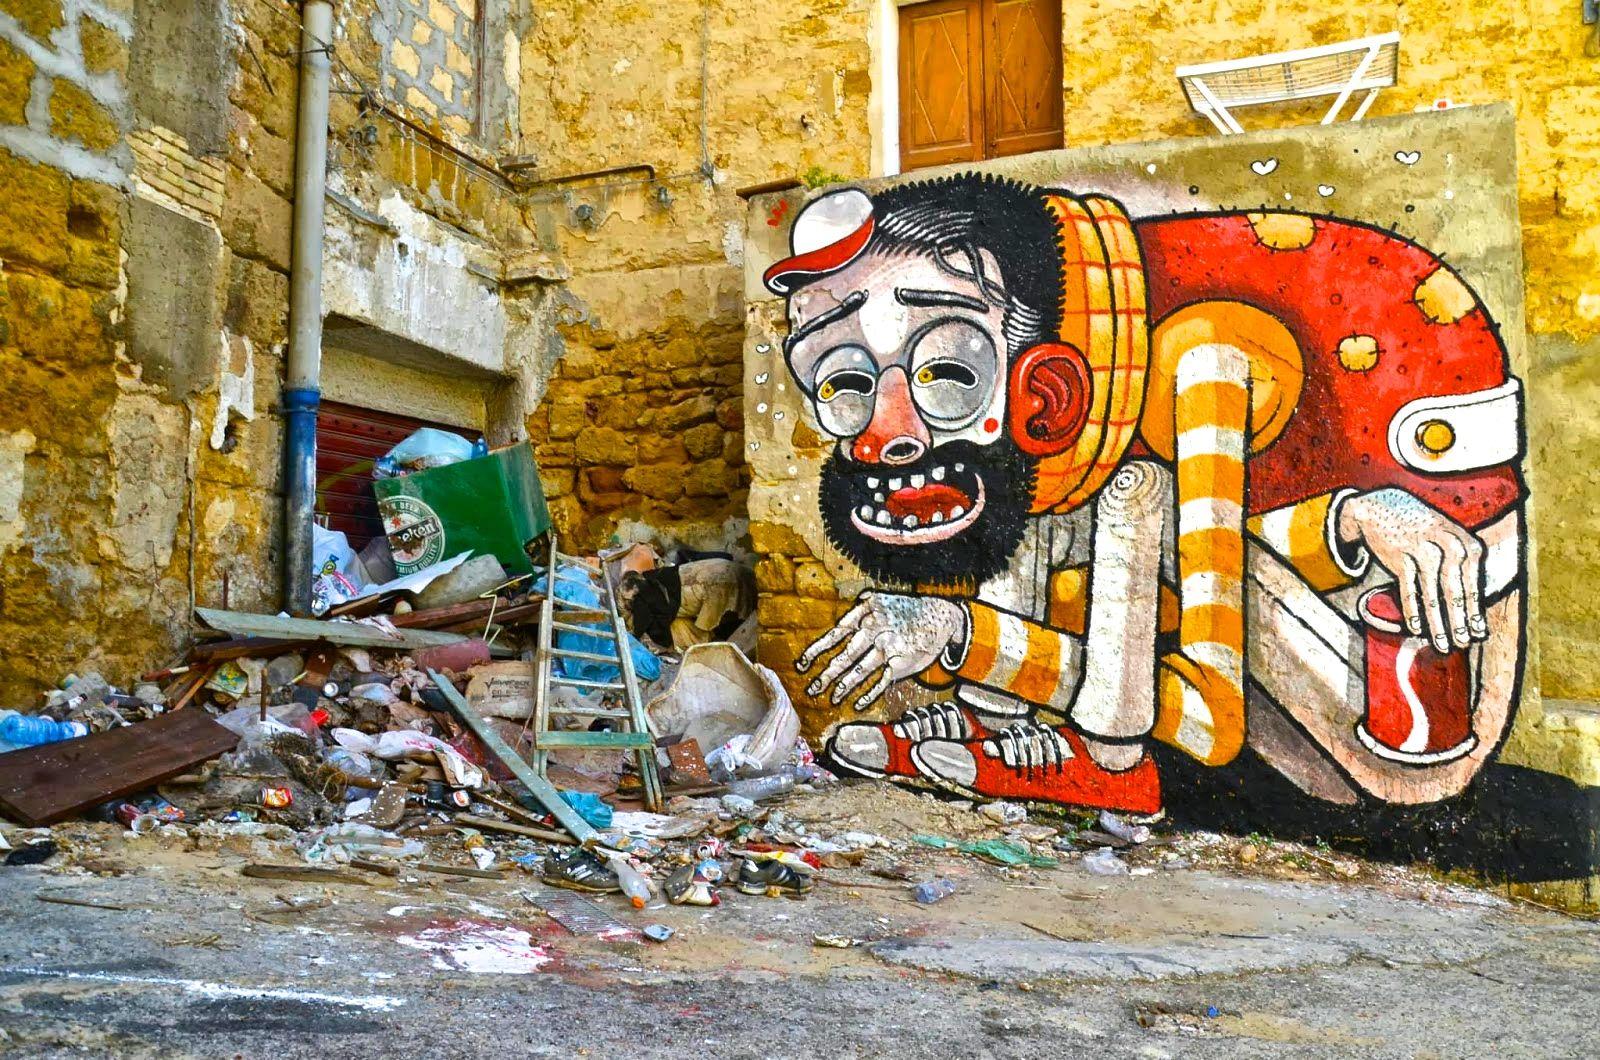 смотреть прикольное фото граффити мельдоний-мик принимают